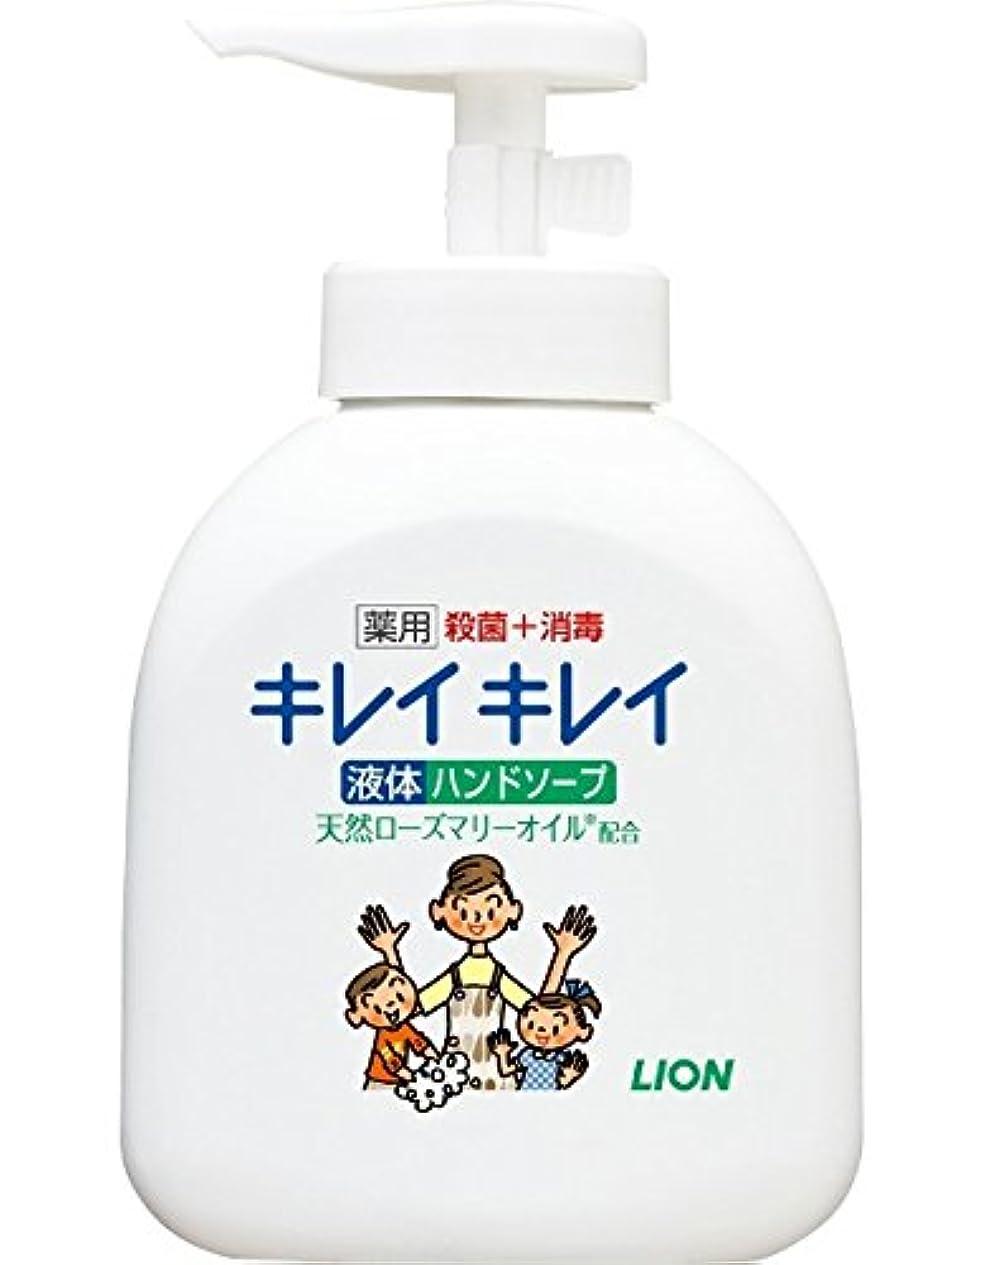 司書クライマックスハンマーキレイキレイ 薬用 液体ハンドソープ 本体ポンプ 250ml(医薬部外品)